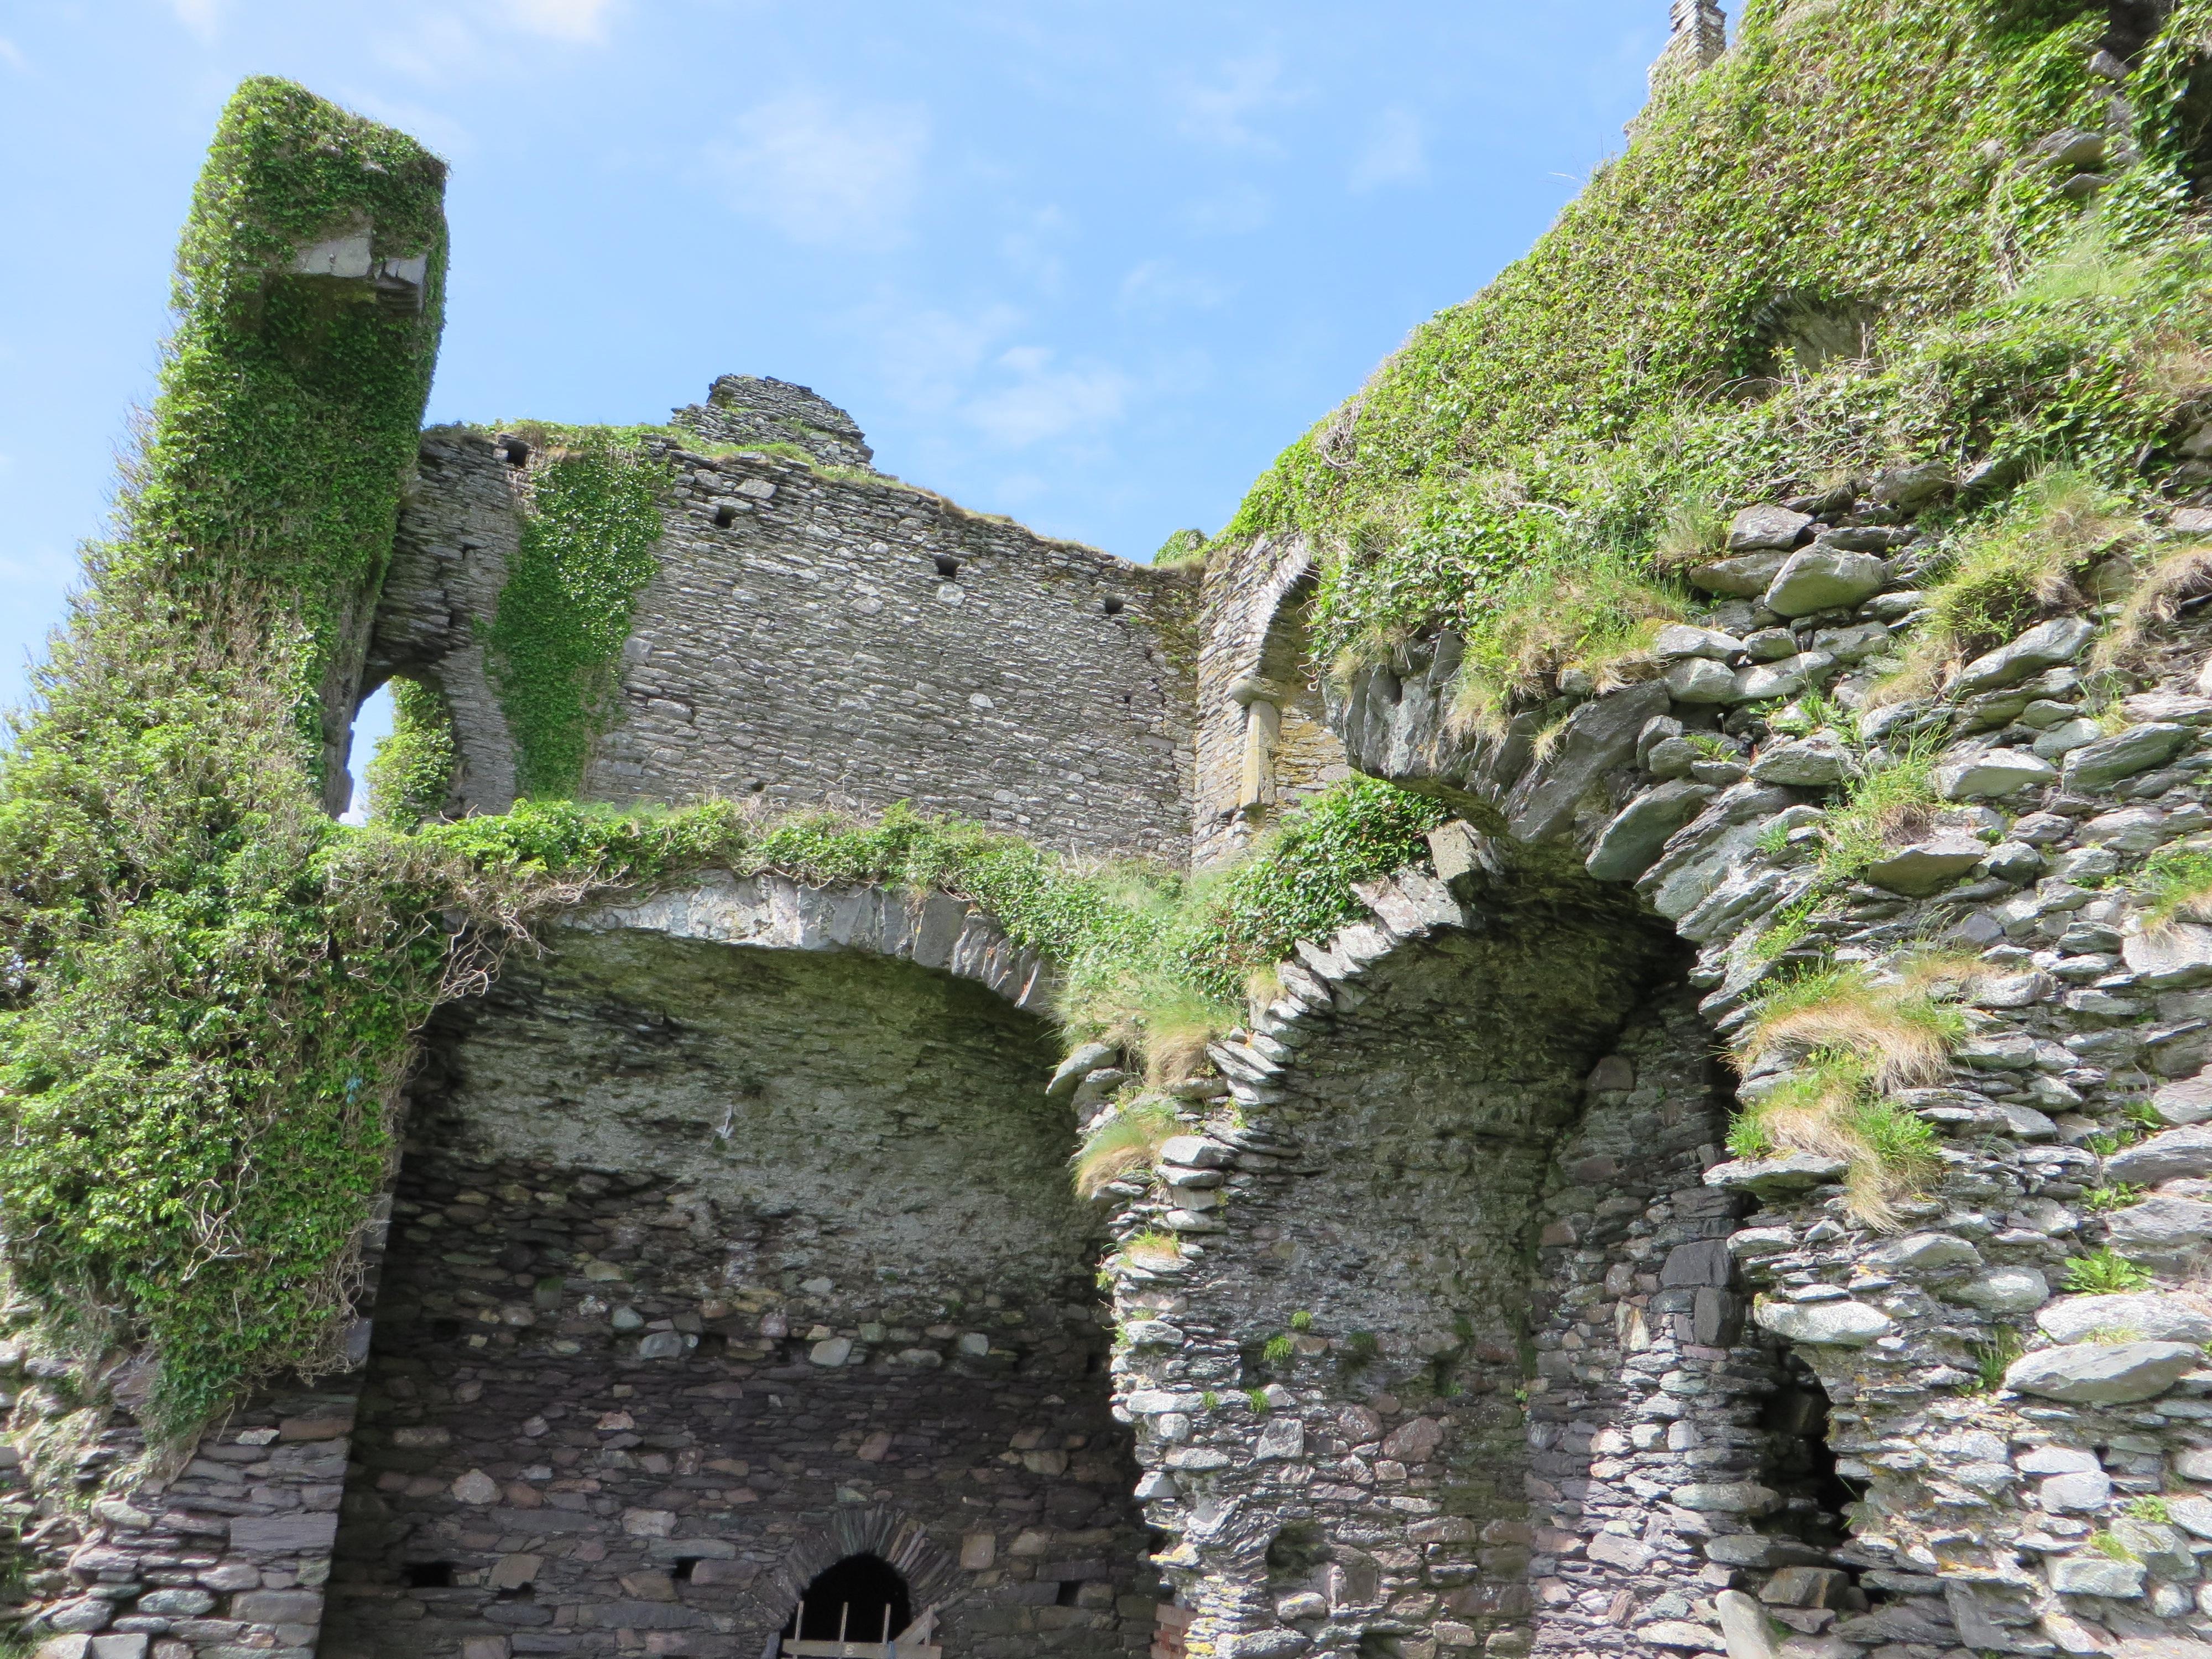 Immagini belle paesaggio antico costruzione parete for Sito storico